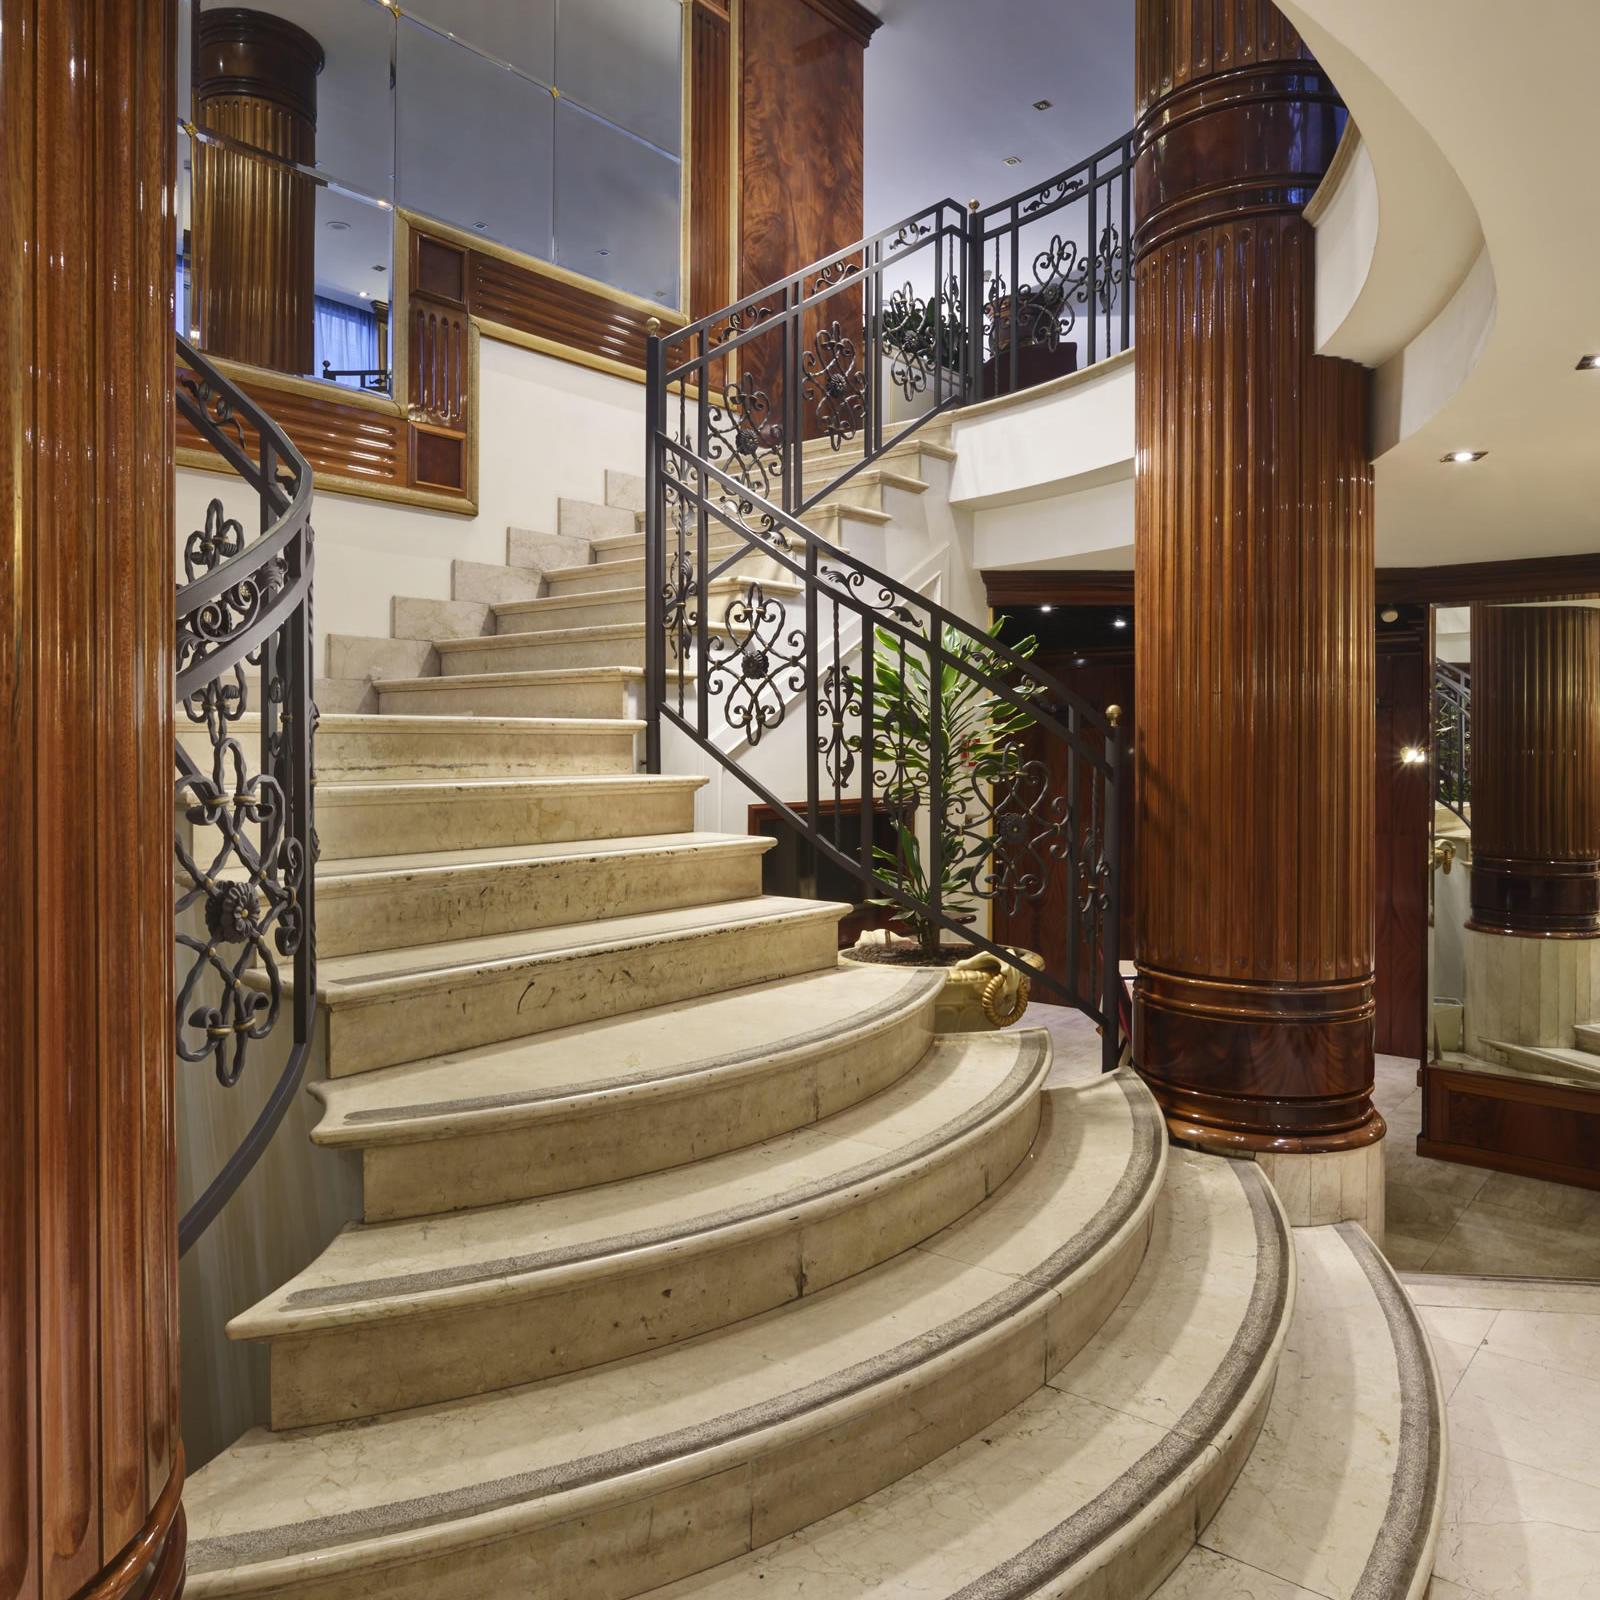 Stairs | Scandinavia Milano